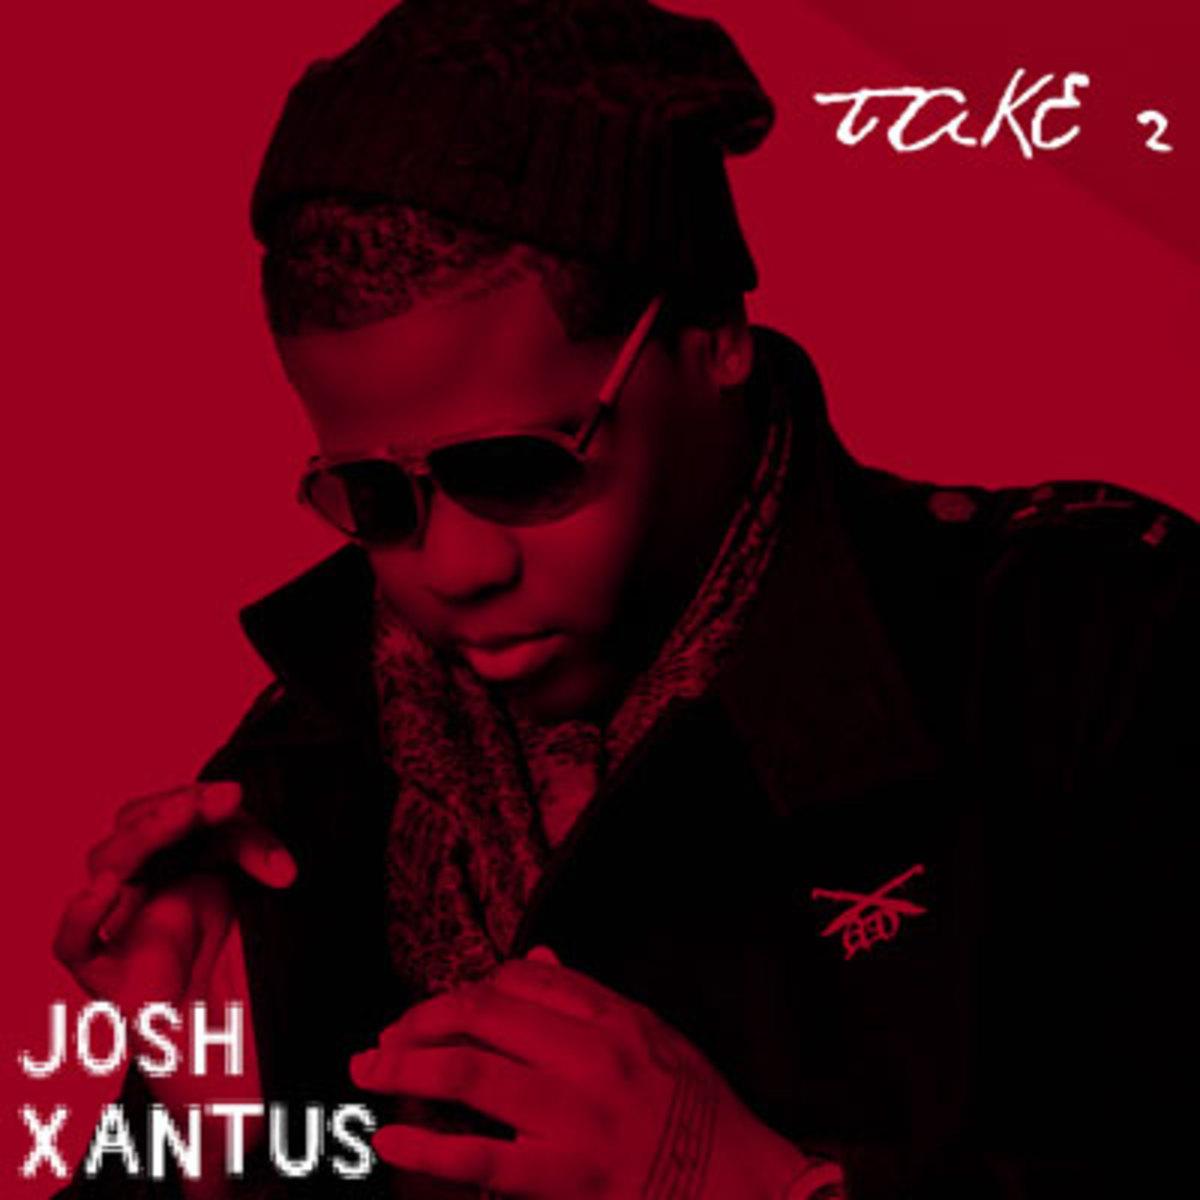 joshxantus-take2.jpg